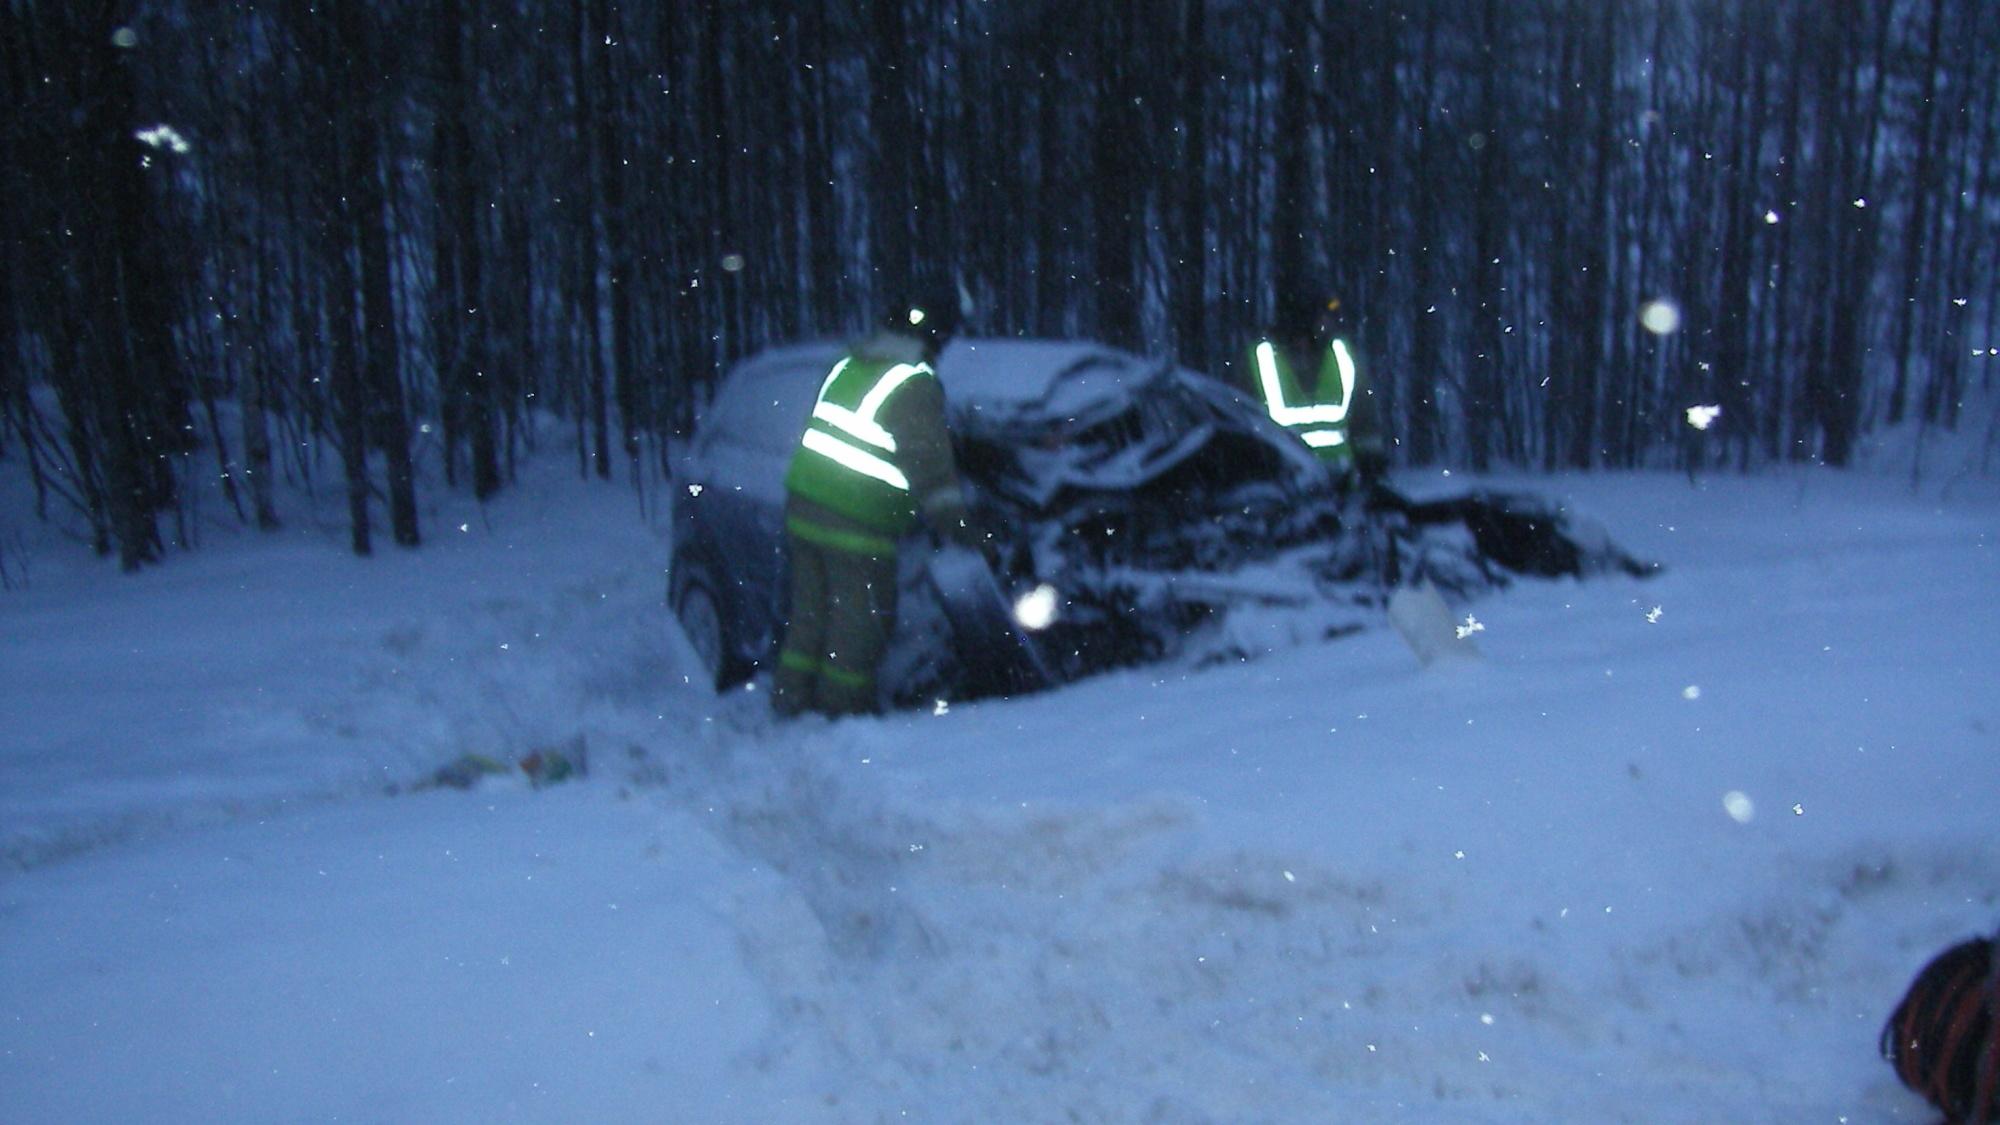 Пожарно-спасательное подразделение привлекалось для ликвидации ДТП в Лоухском районе.